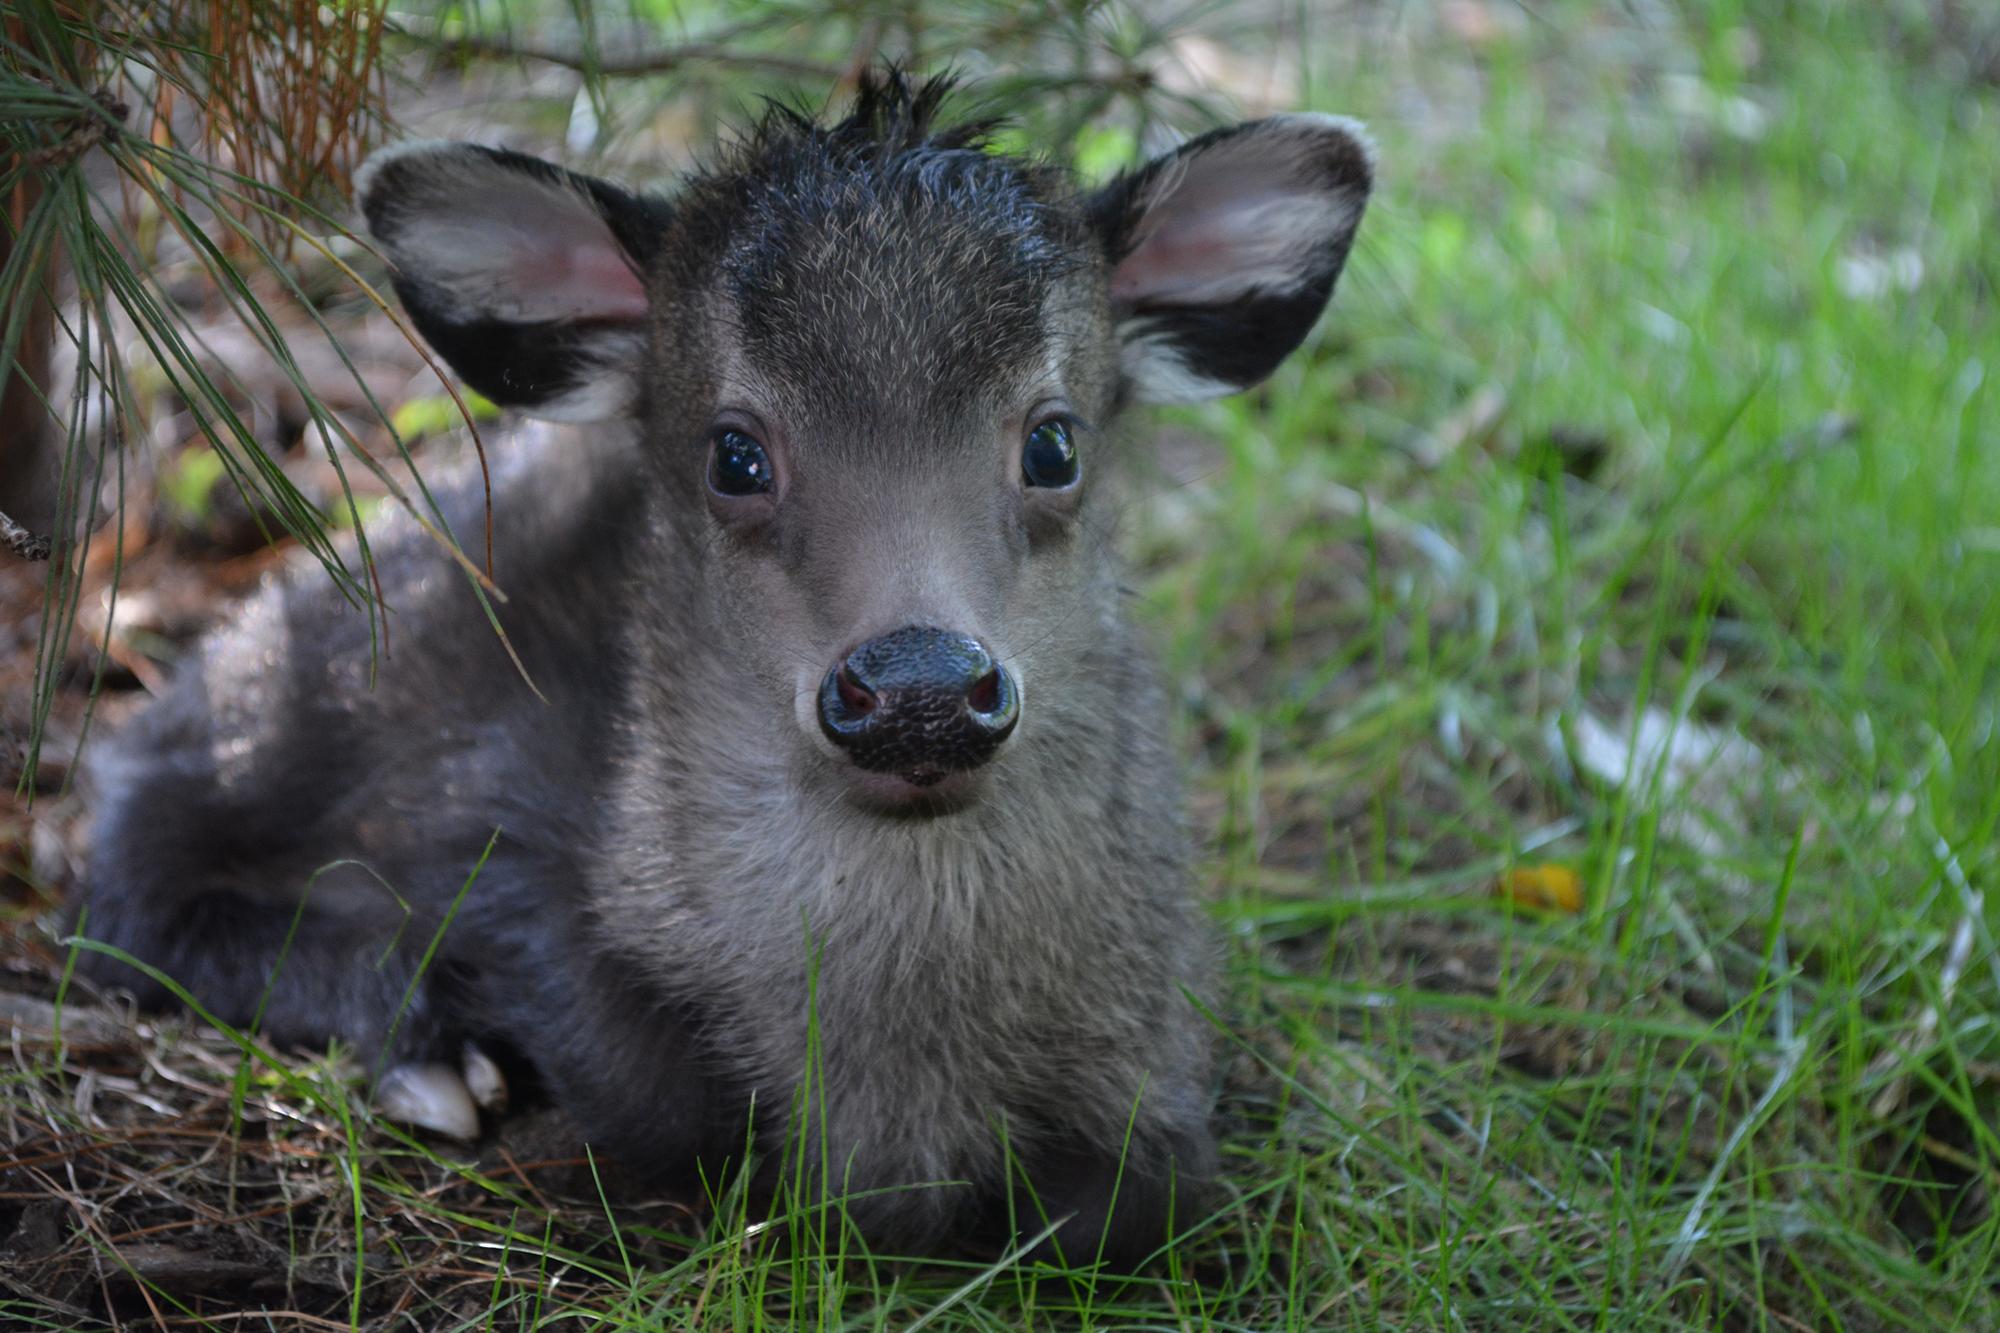 So Deer!